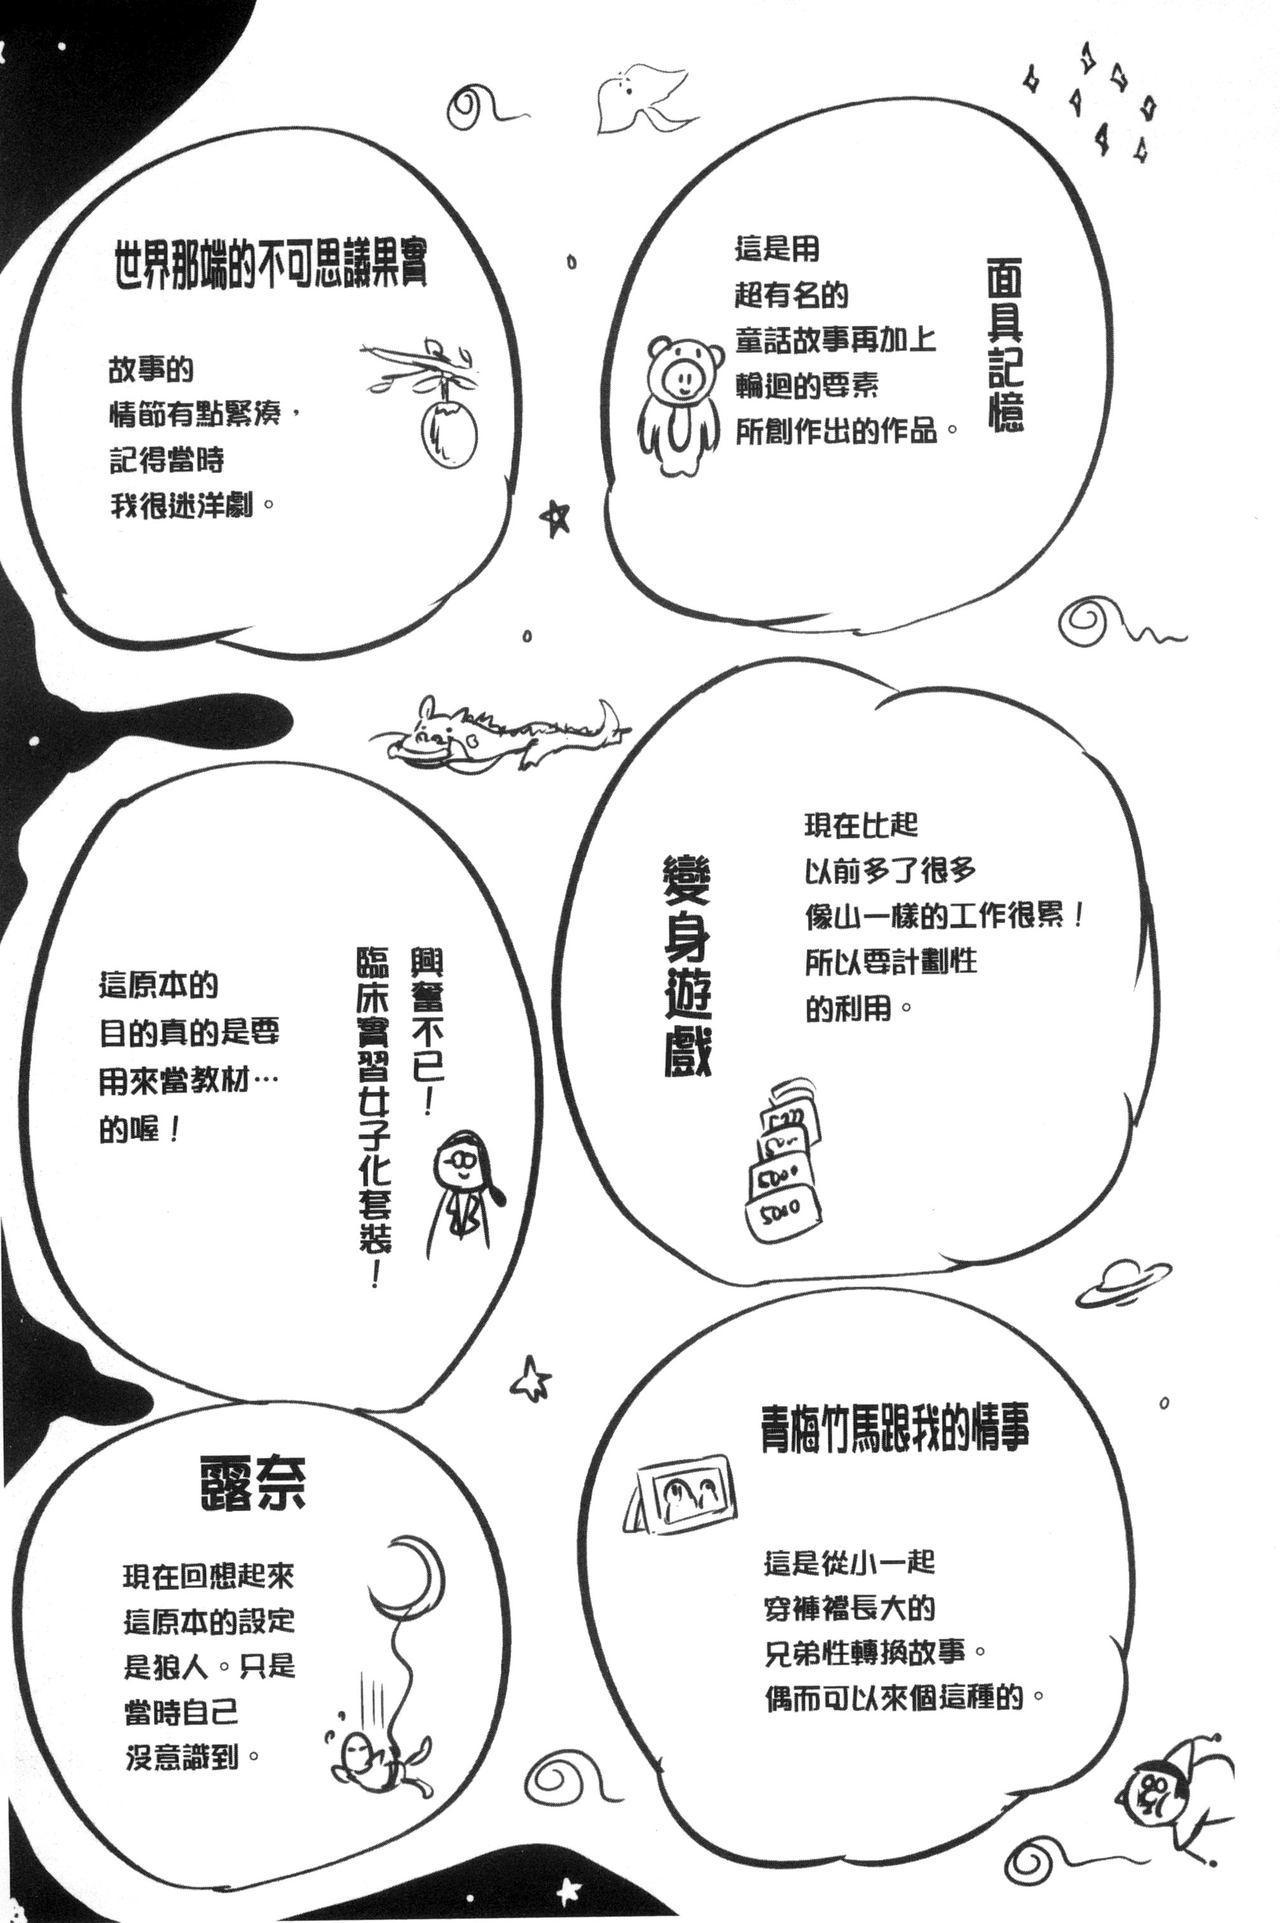 [Marneko] Onnanoko Supple ~Seitenkan Shite Hoken no Jugyou~   女孩子補給品 性轉換之後保健的授業 [Chinese] 184